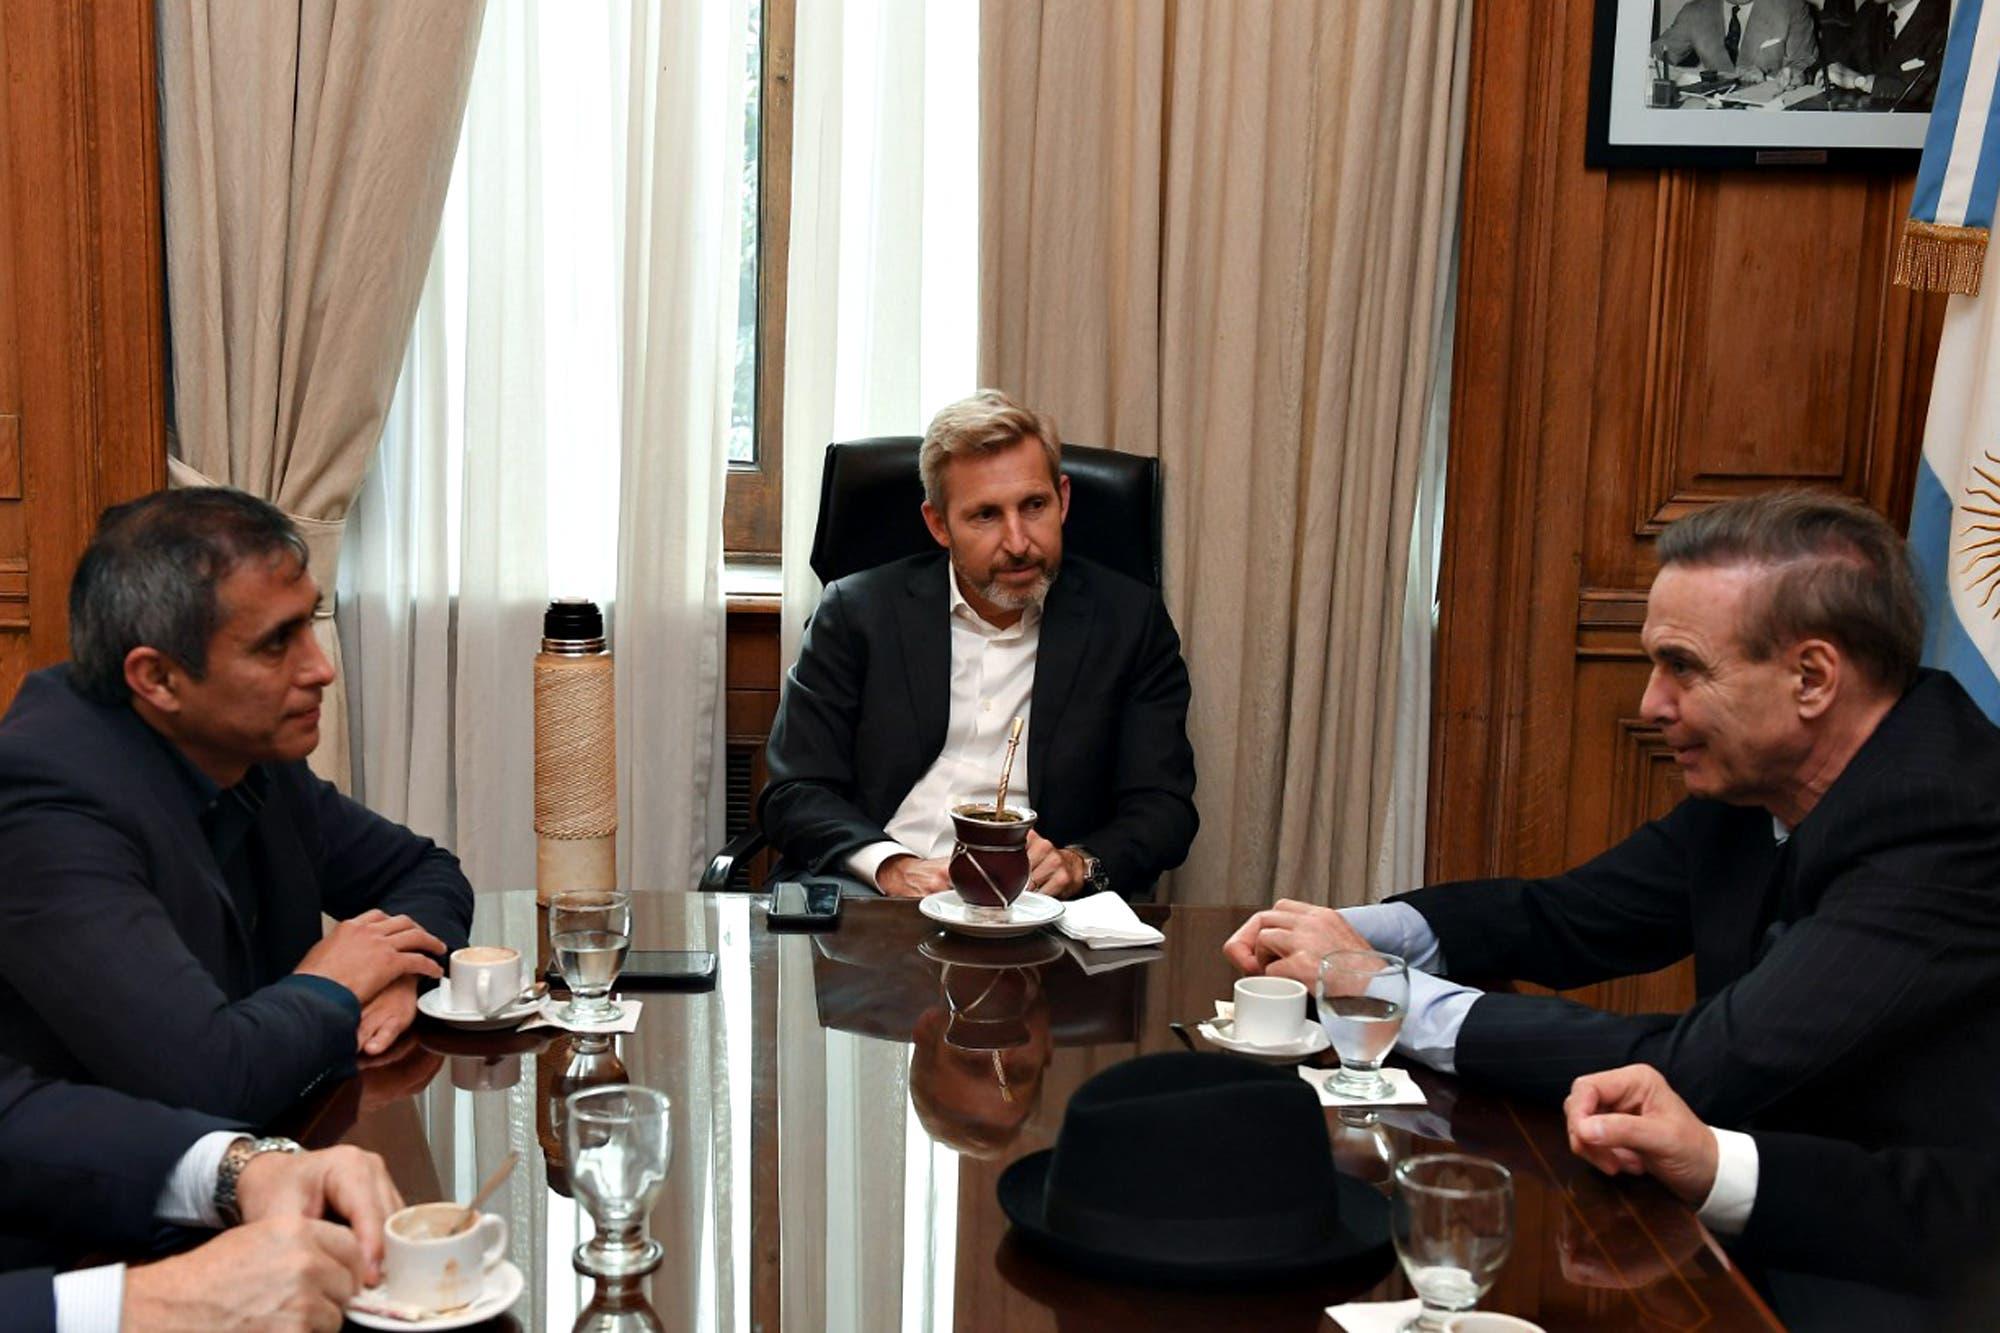 Molestos por el cierre, Pichetto y Frigerio suspenden su gira de campaña